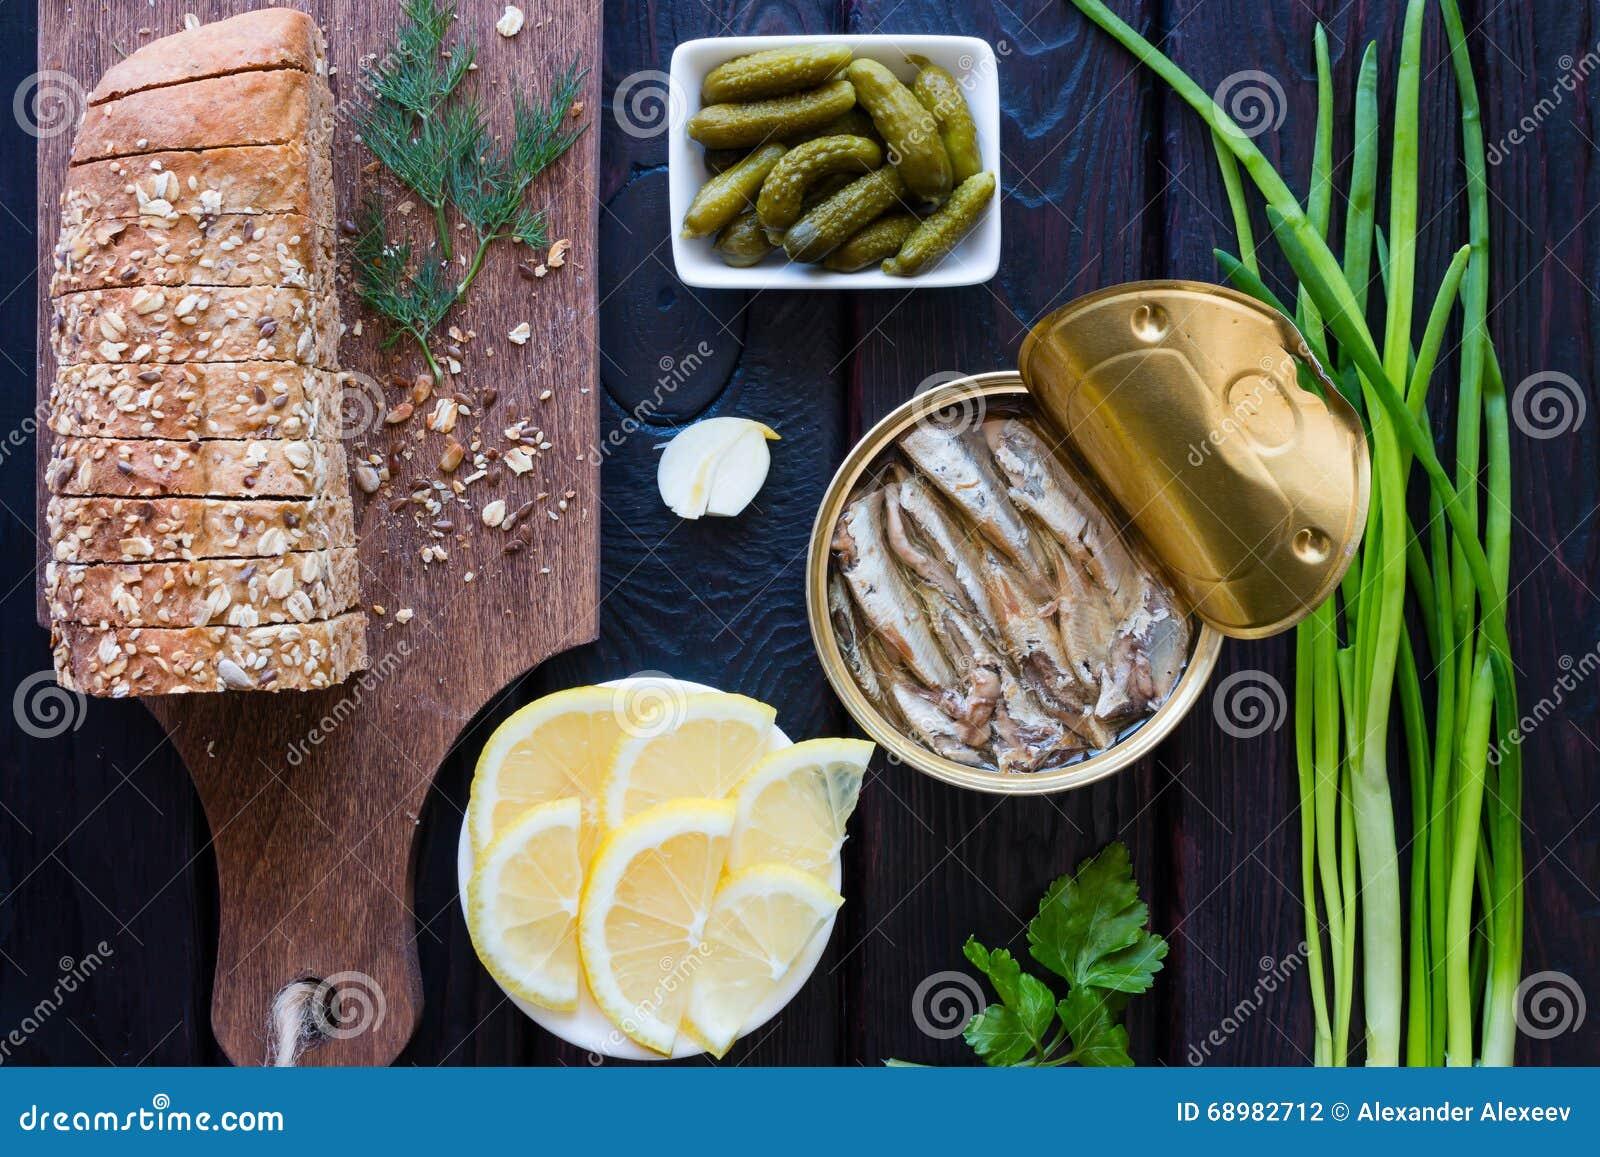 Pan con los granos, los pepinillos conservados en vinagre, el limón y los espadines en un negro